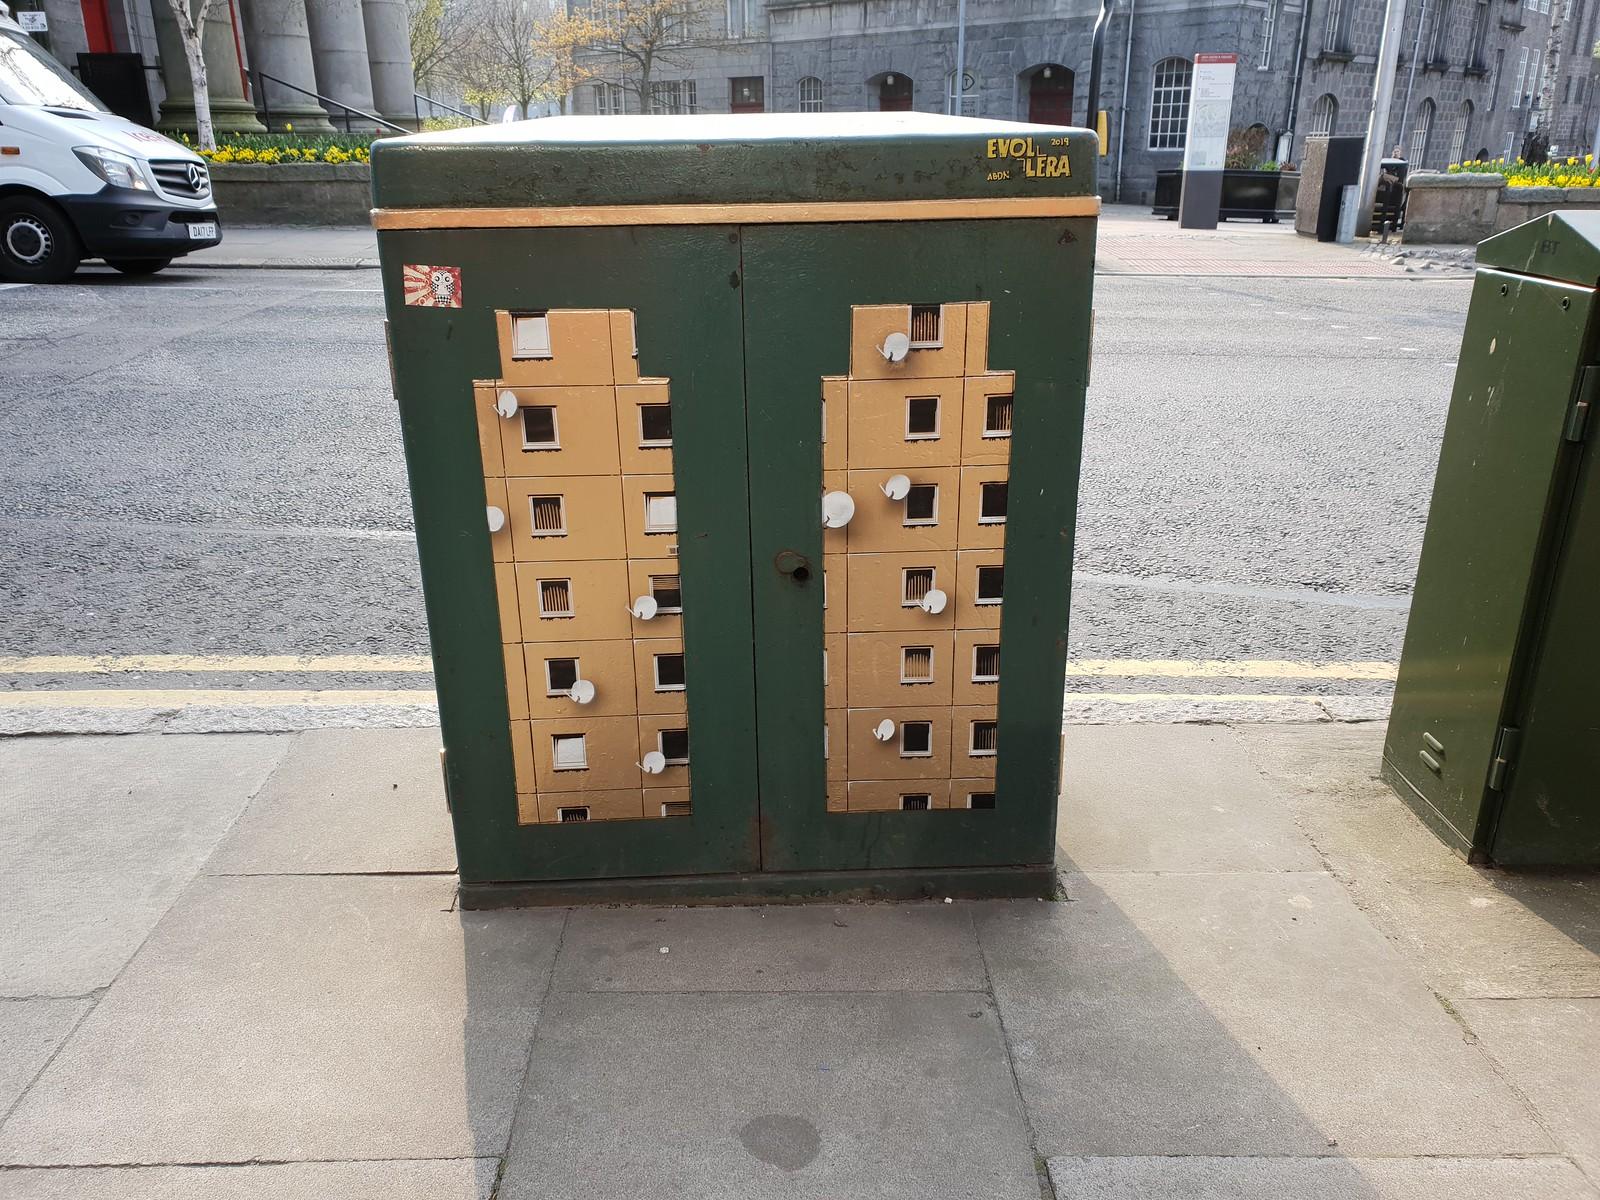 Nuart Aberdeen 2019: Evol